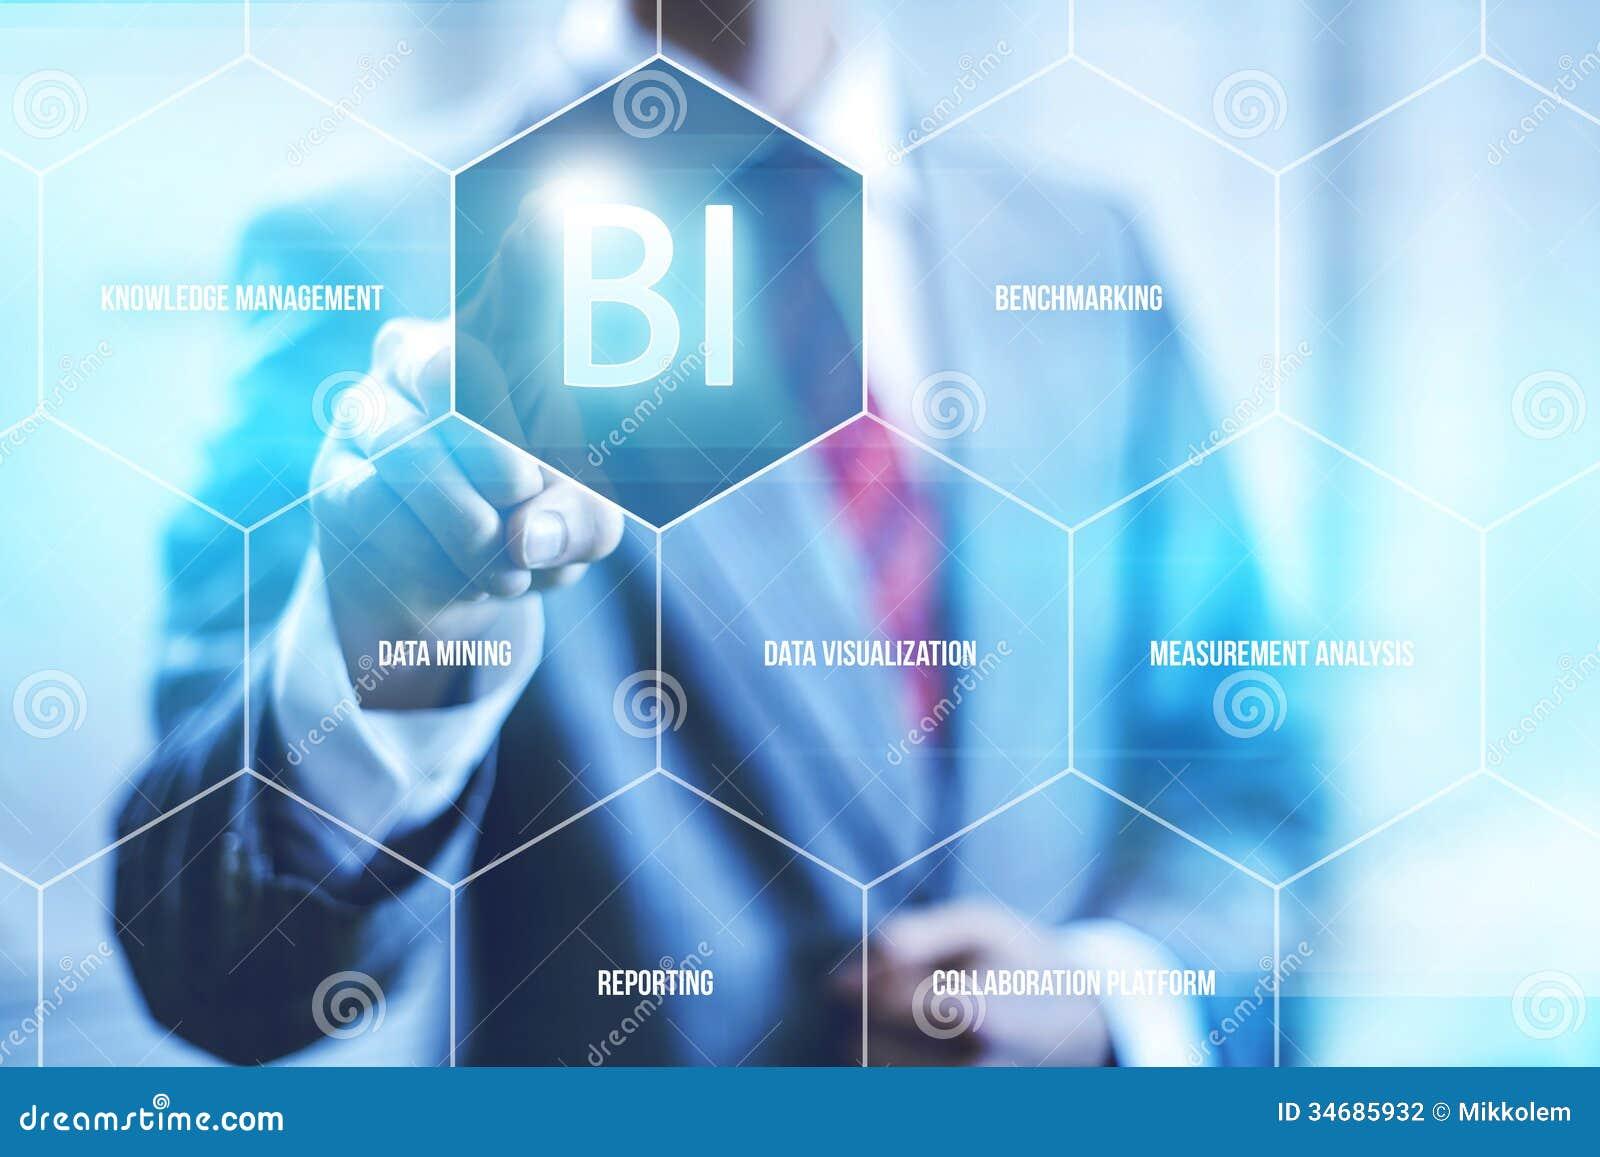 Business Intelligence Stock Photography Image 34685932